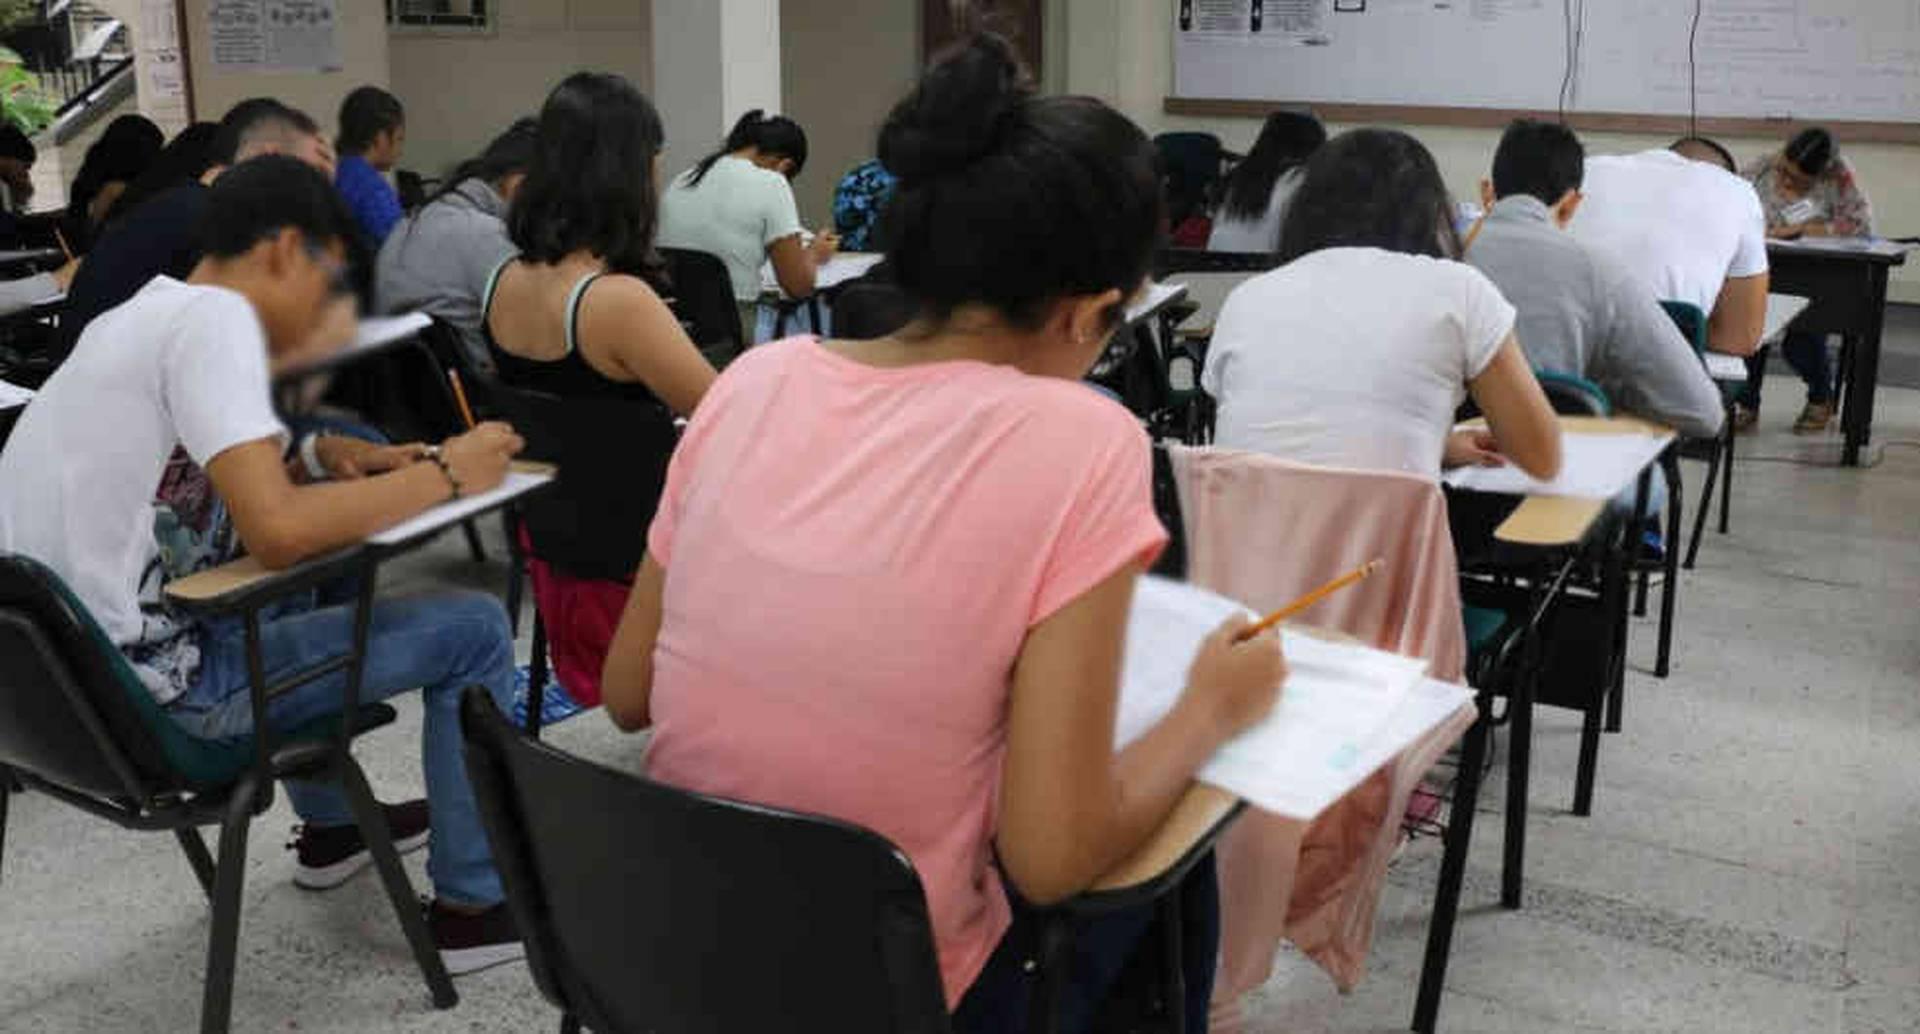 La falta de acceso a un computador con internet dificulta la realización de clases virtuales en las instituciones.